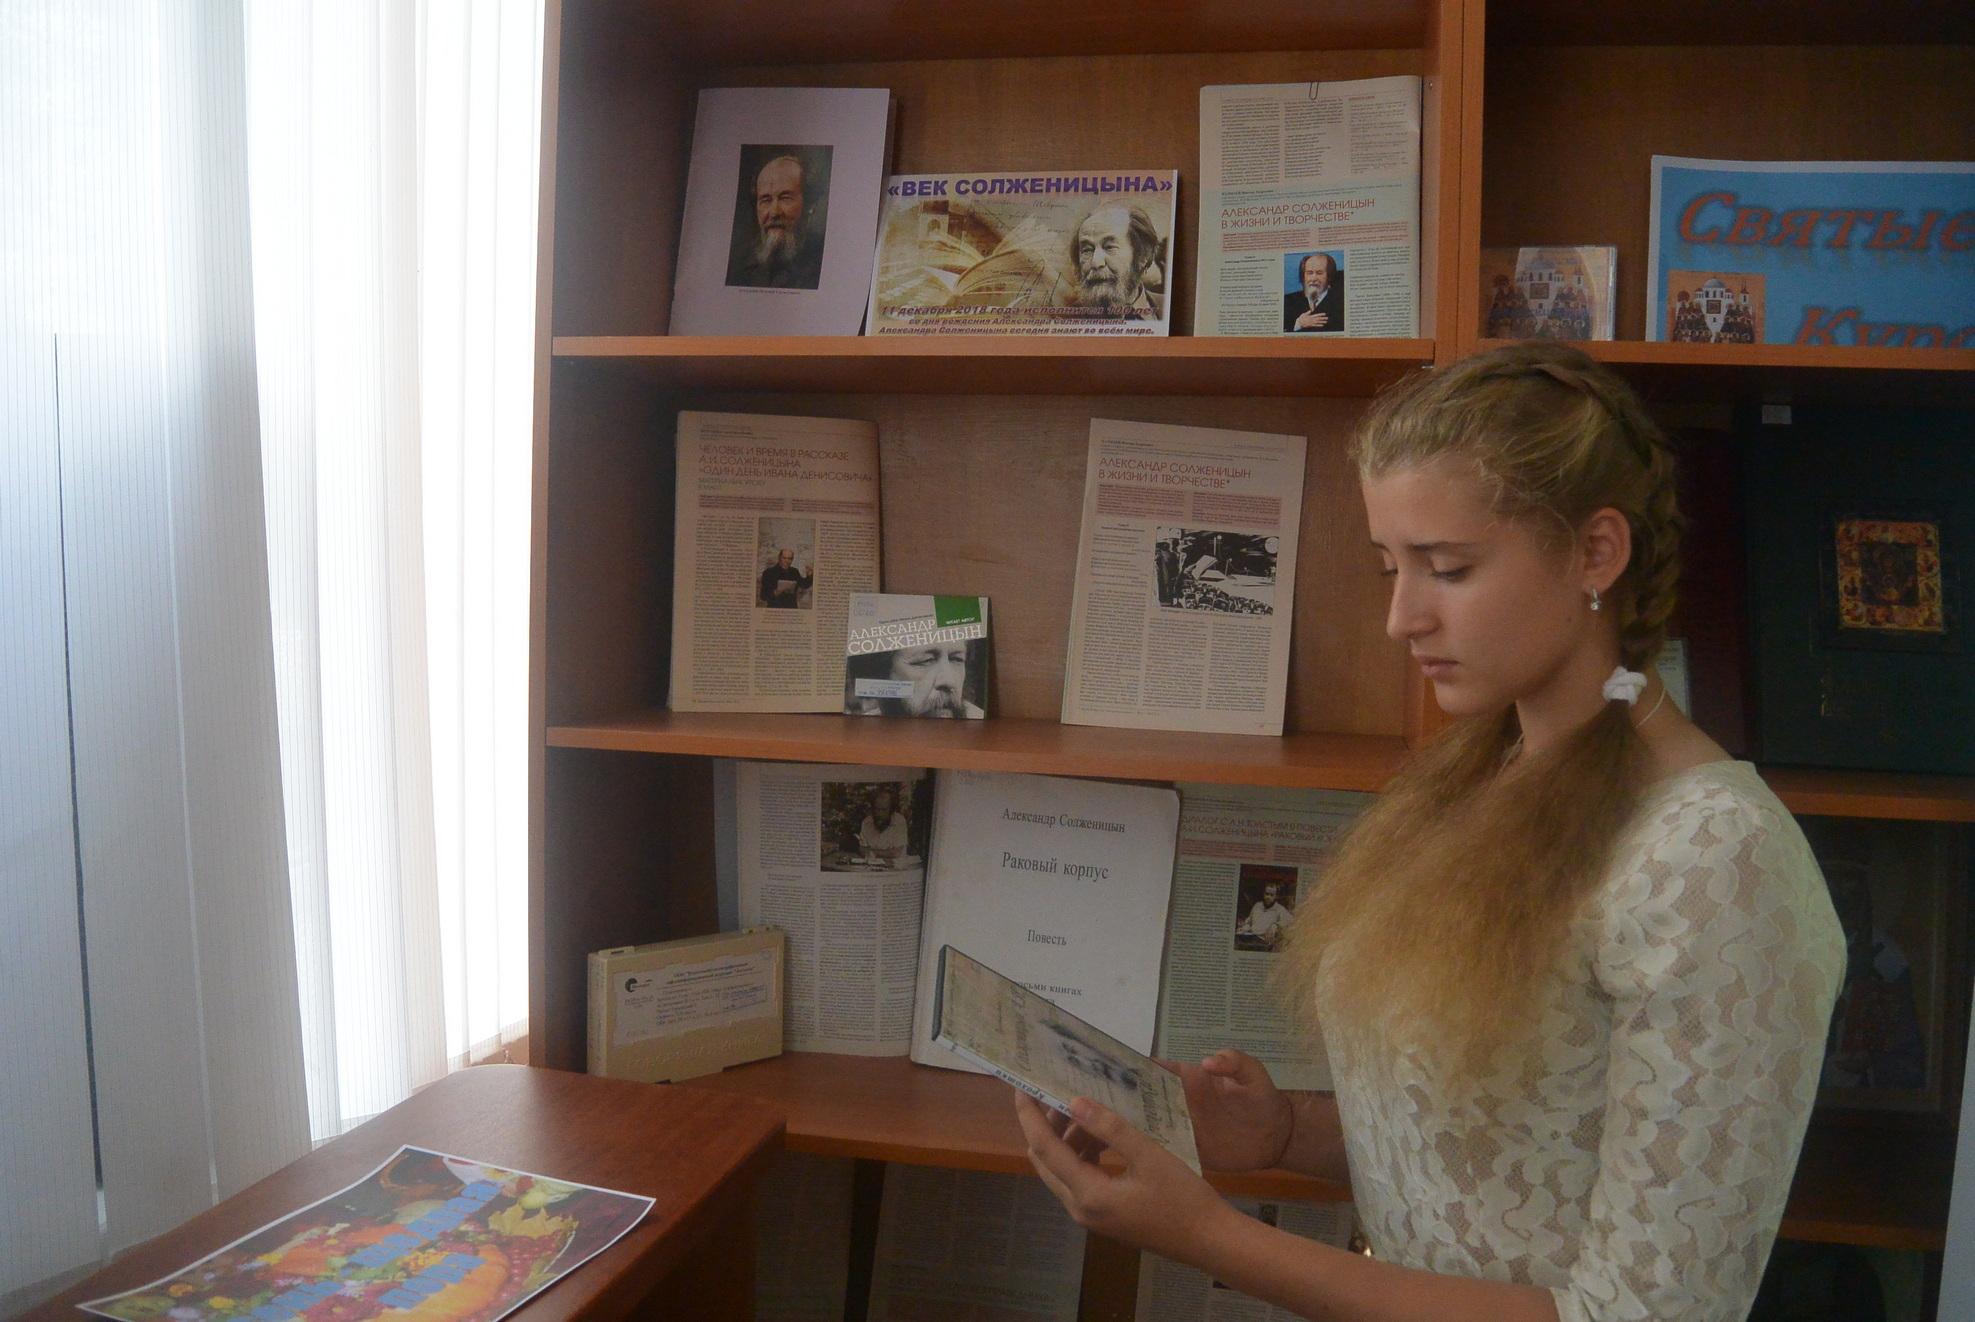 20180918-Александр Солженицын. Личность. Творчество. Время-pic2